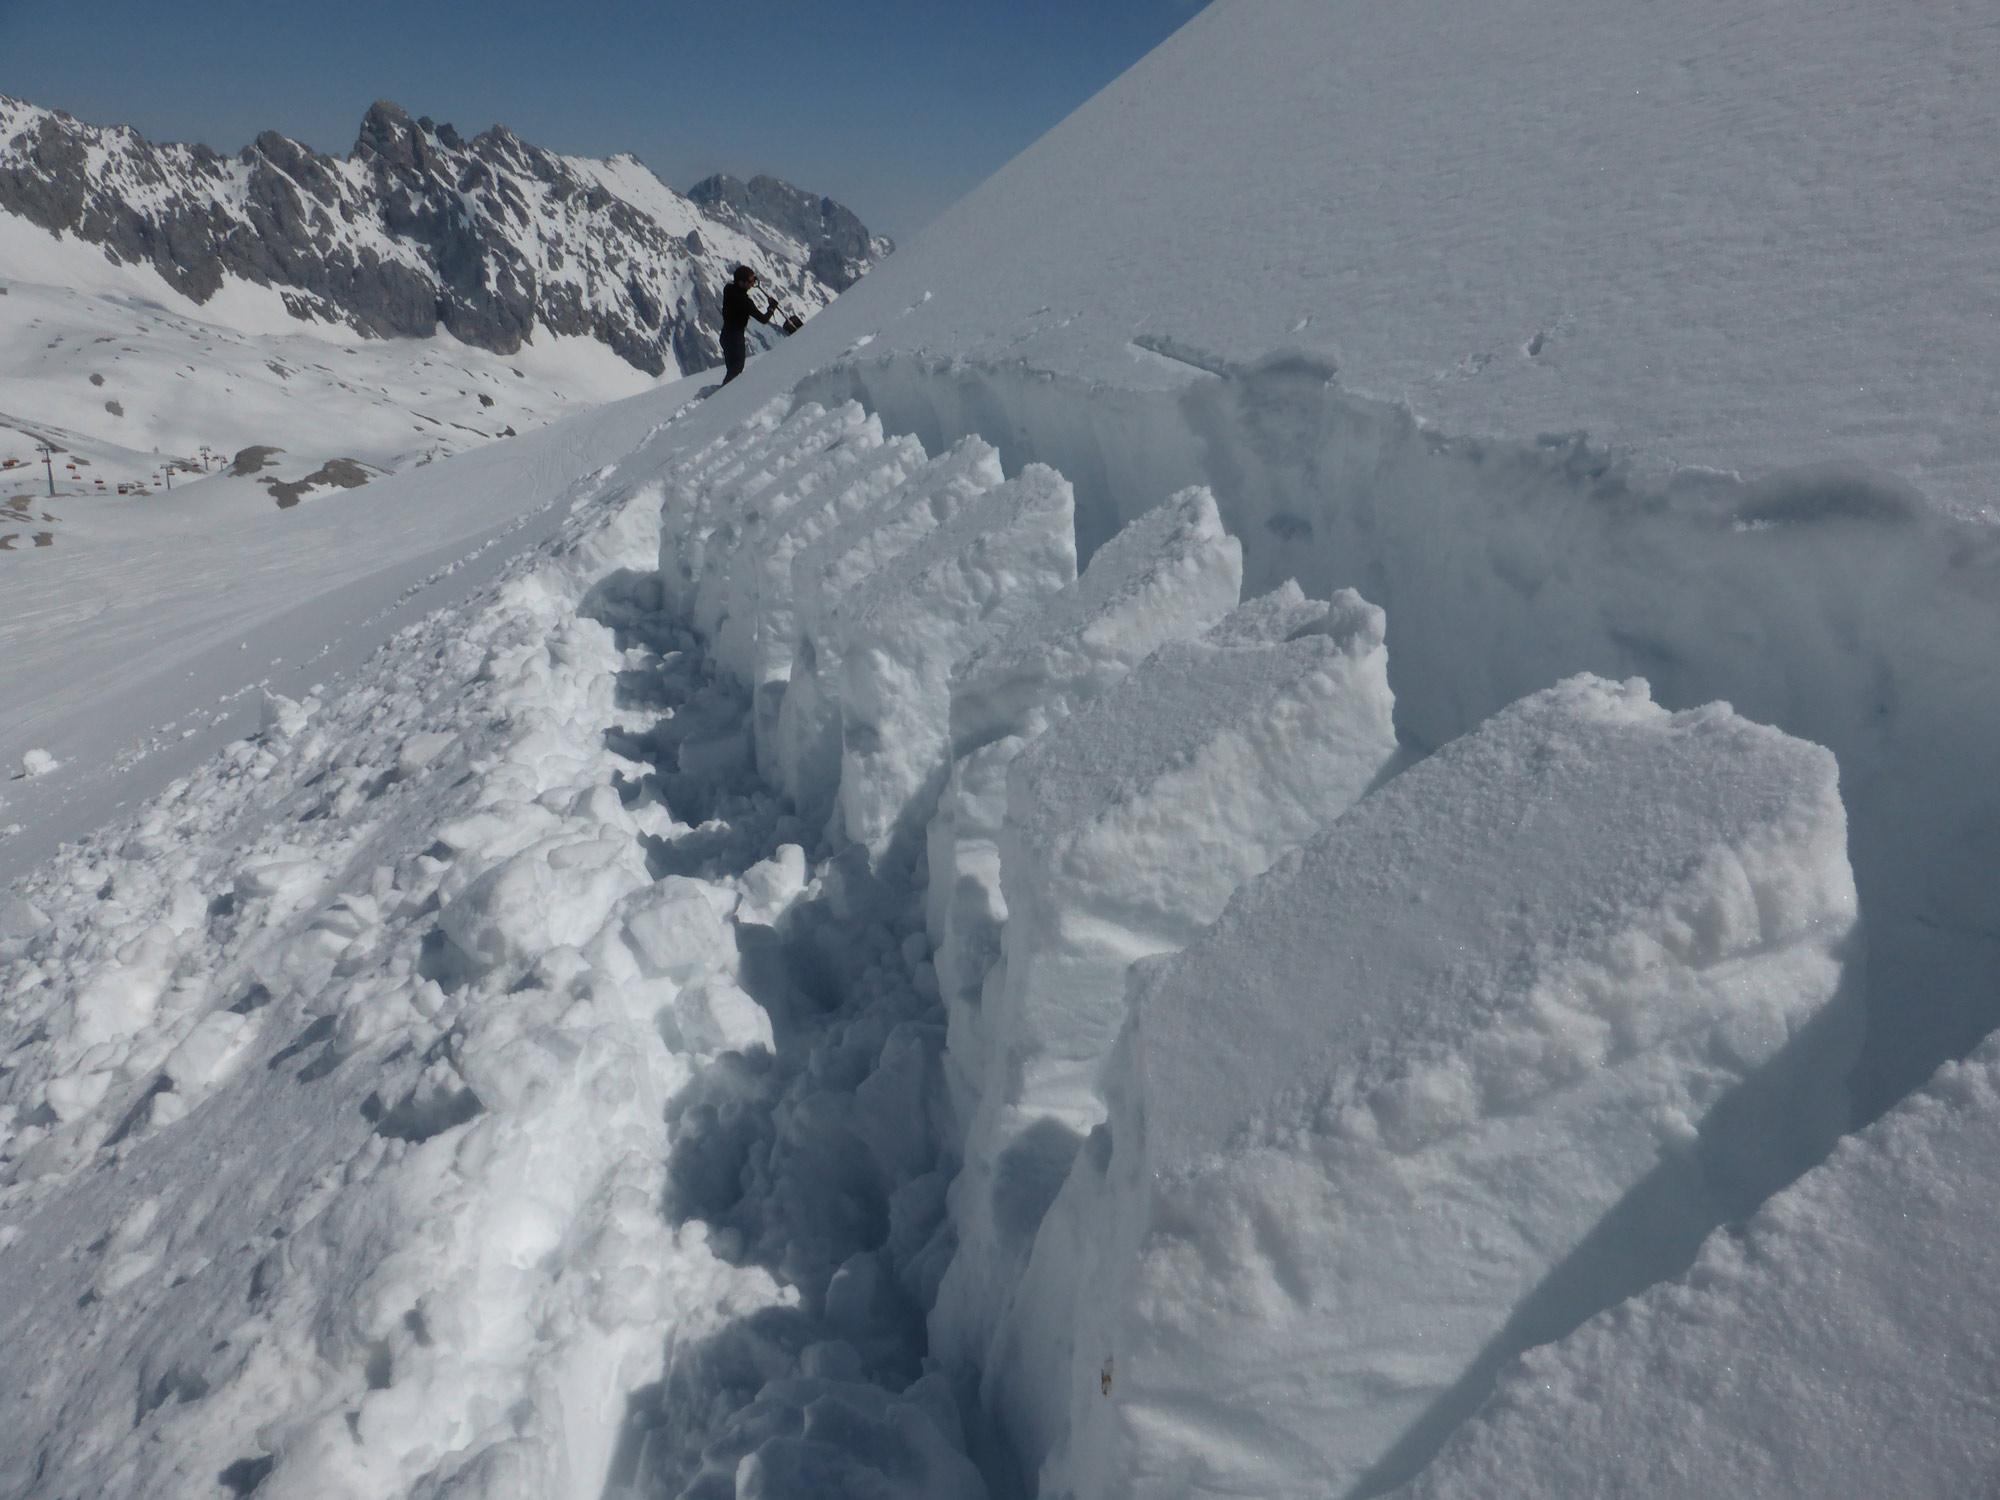 Die Auswirkung von vertikaler und seitlicher Belastung auf Schwachschichten bei Schneedeckentests Manfred Steffl Pic by Steffl Kronthaler #bergundsteigen105